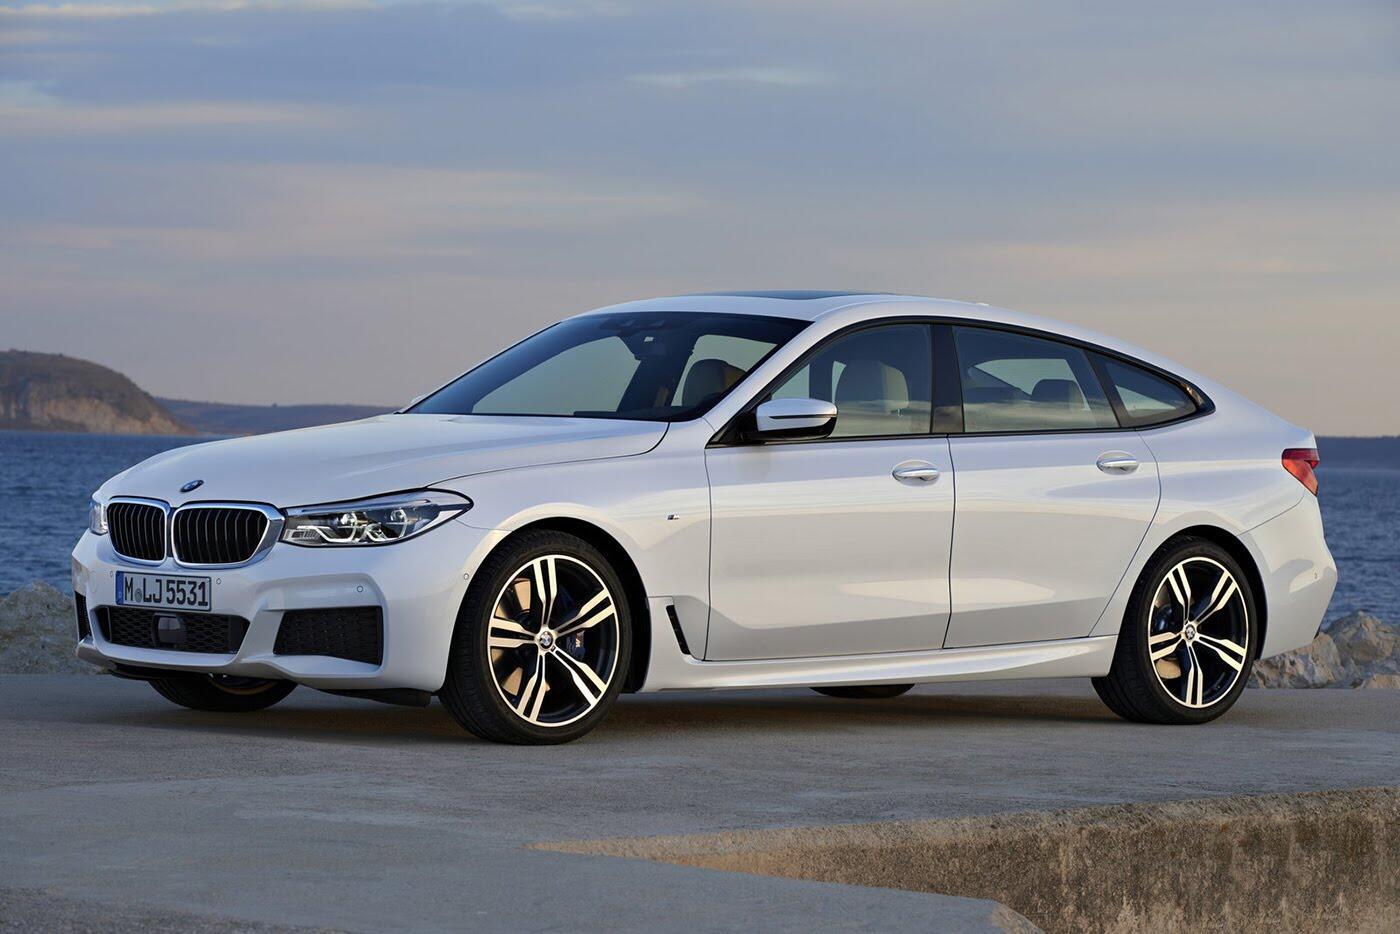 Xem thêm ảnh BMW 6-Series Gran Turismo 2018 - Hình 5